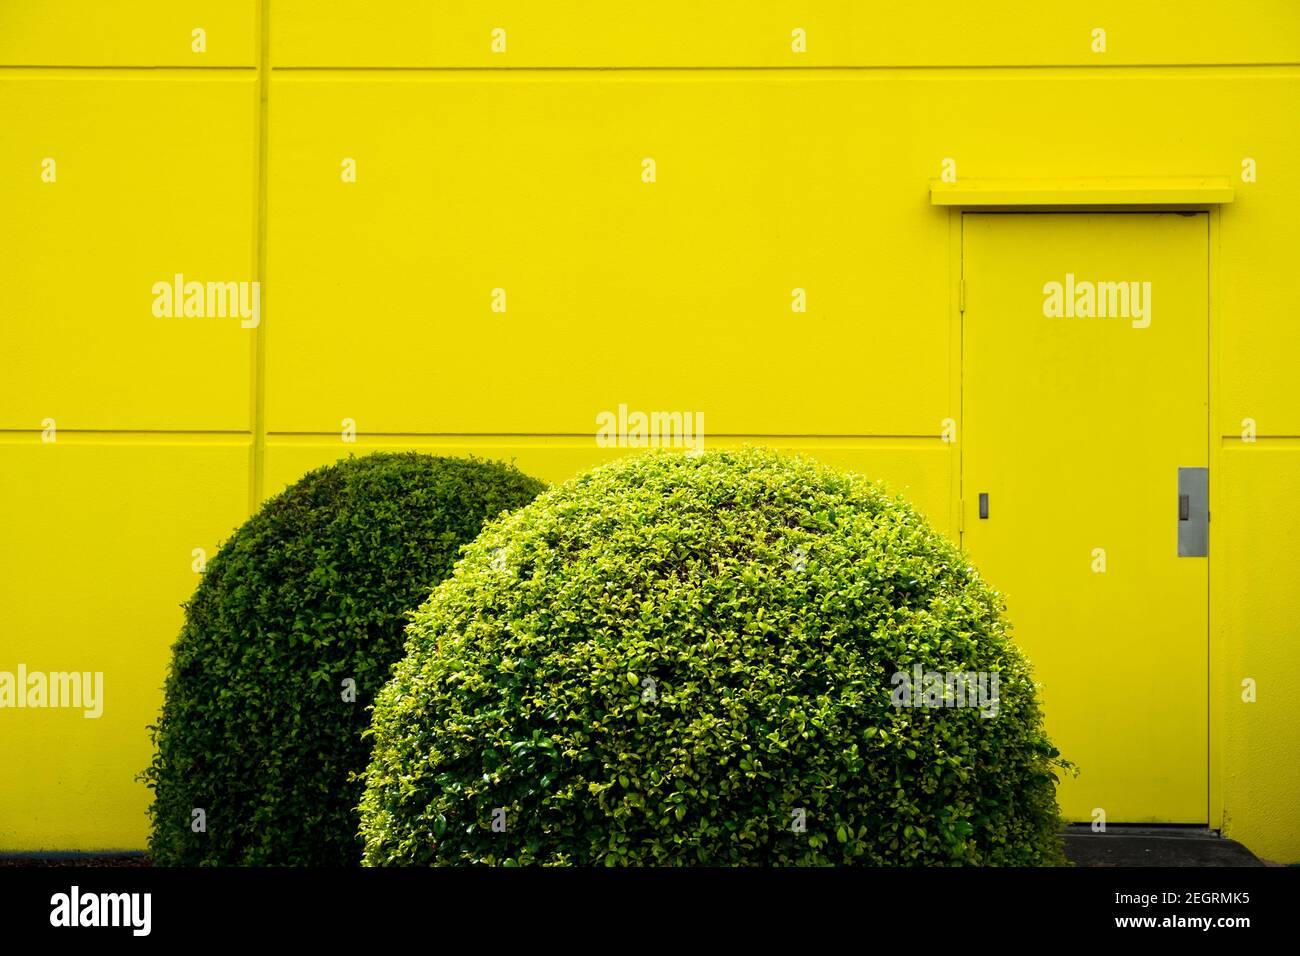 Fotografiados son plantas bien cuidadas contra una pared amarilla en los suburbios del norte de Brisbane, Australia. Foto de stock